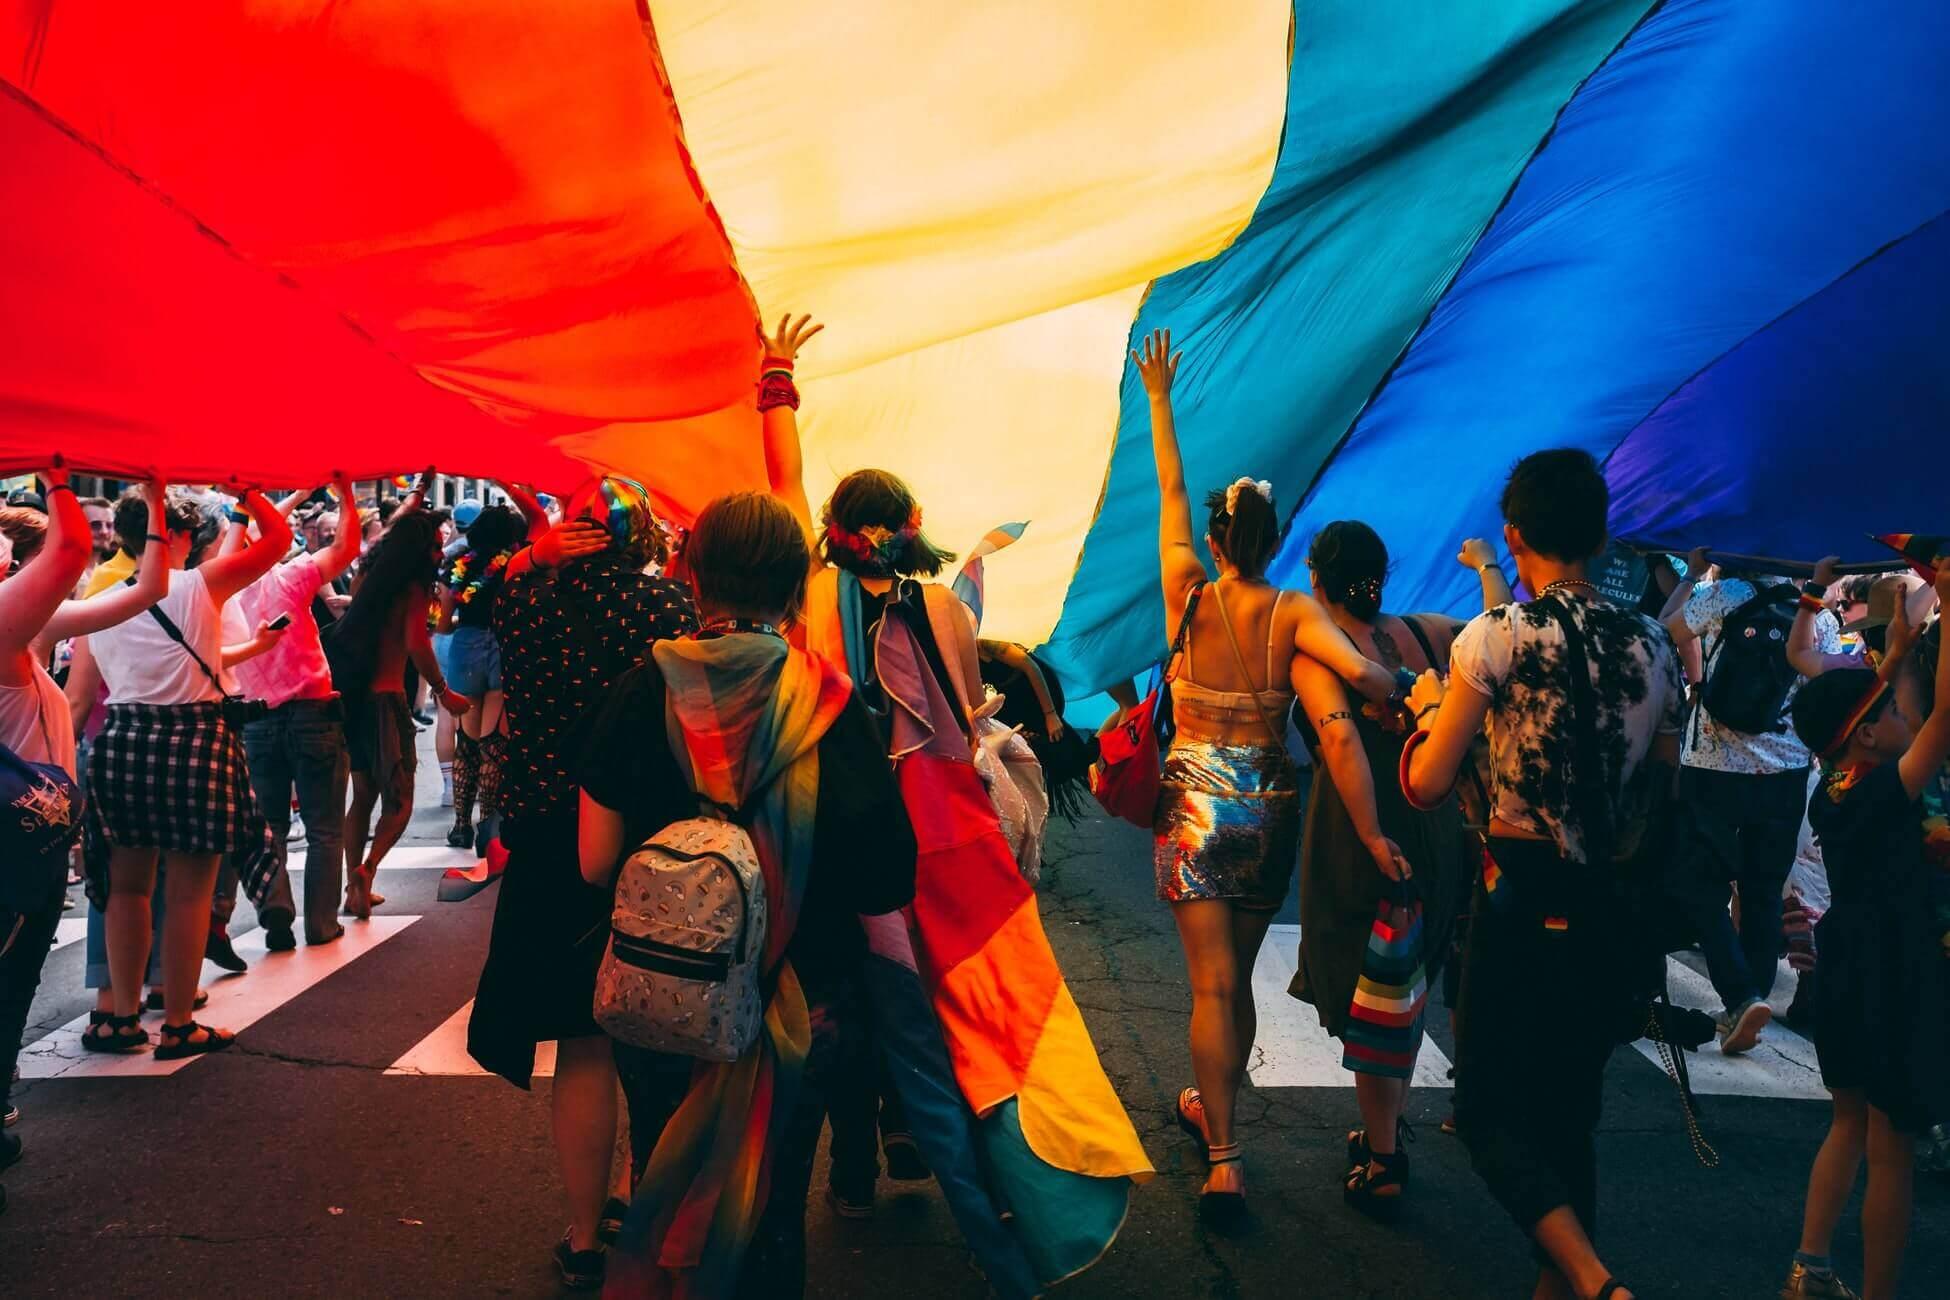 Поясним за новости: в Черногории можно жениться однополым парам